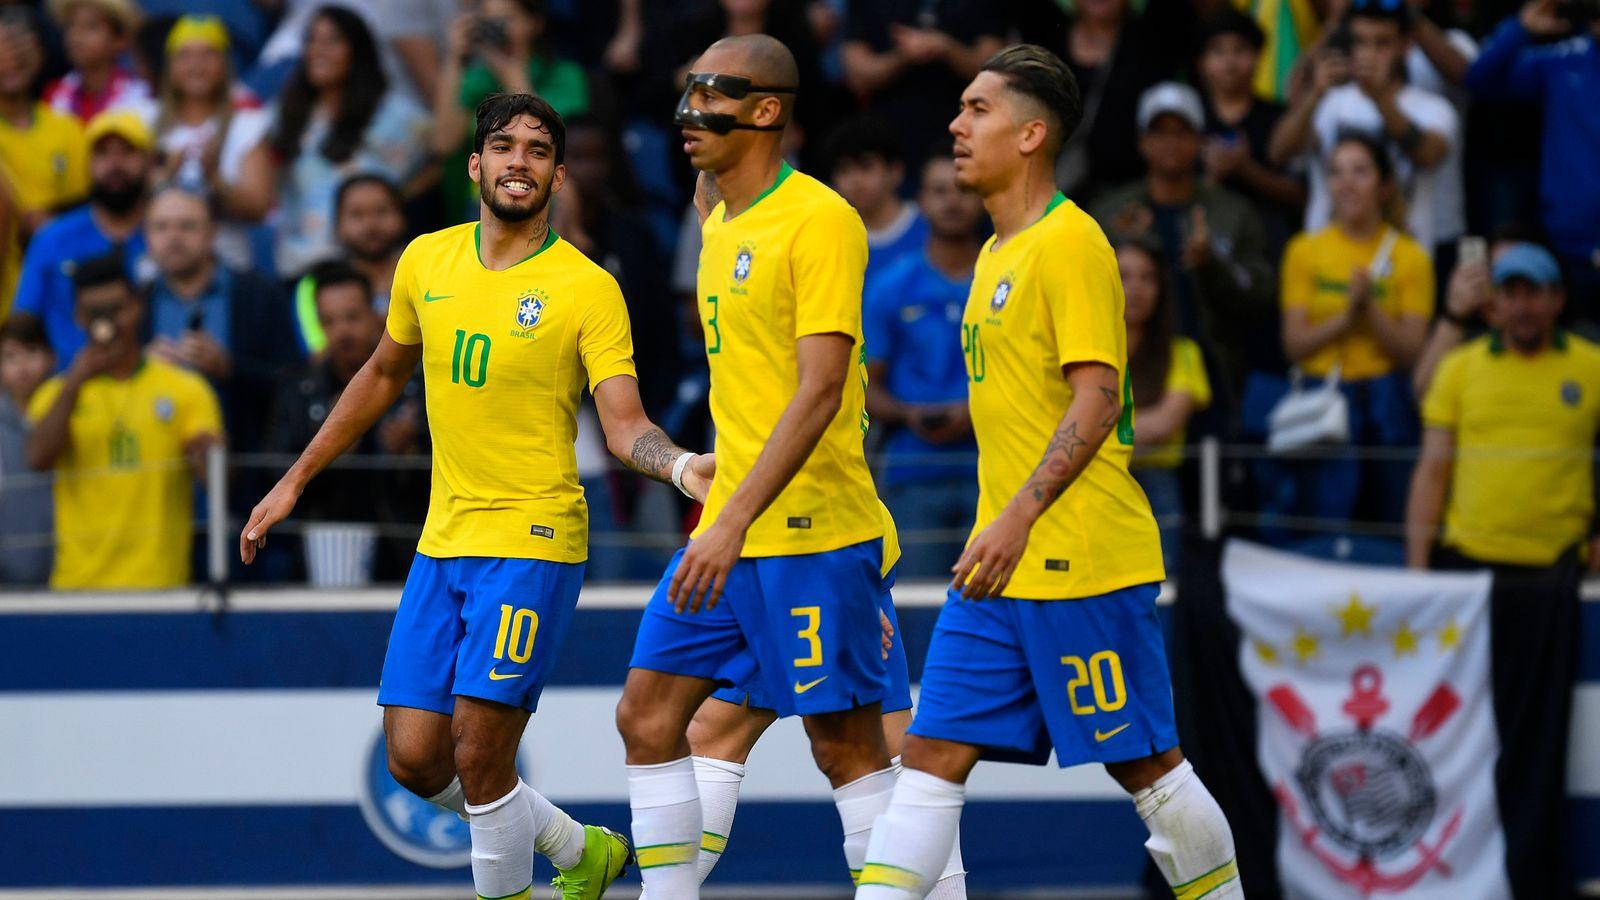 Brazil 1 - 1 Panama - Match Report & Highlights